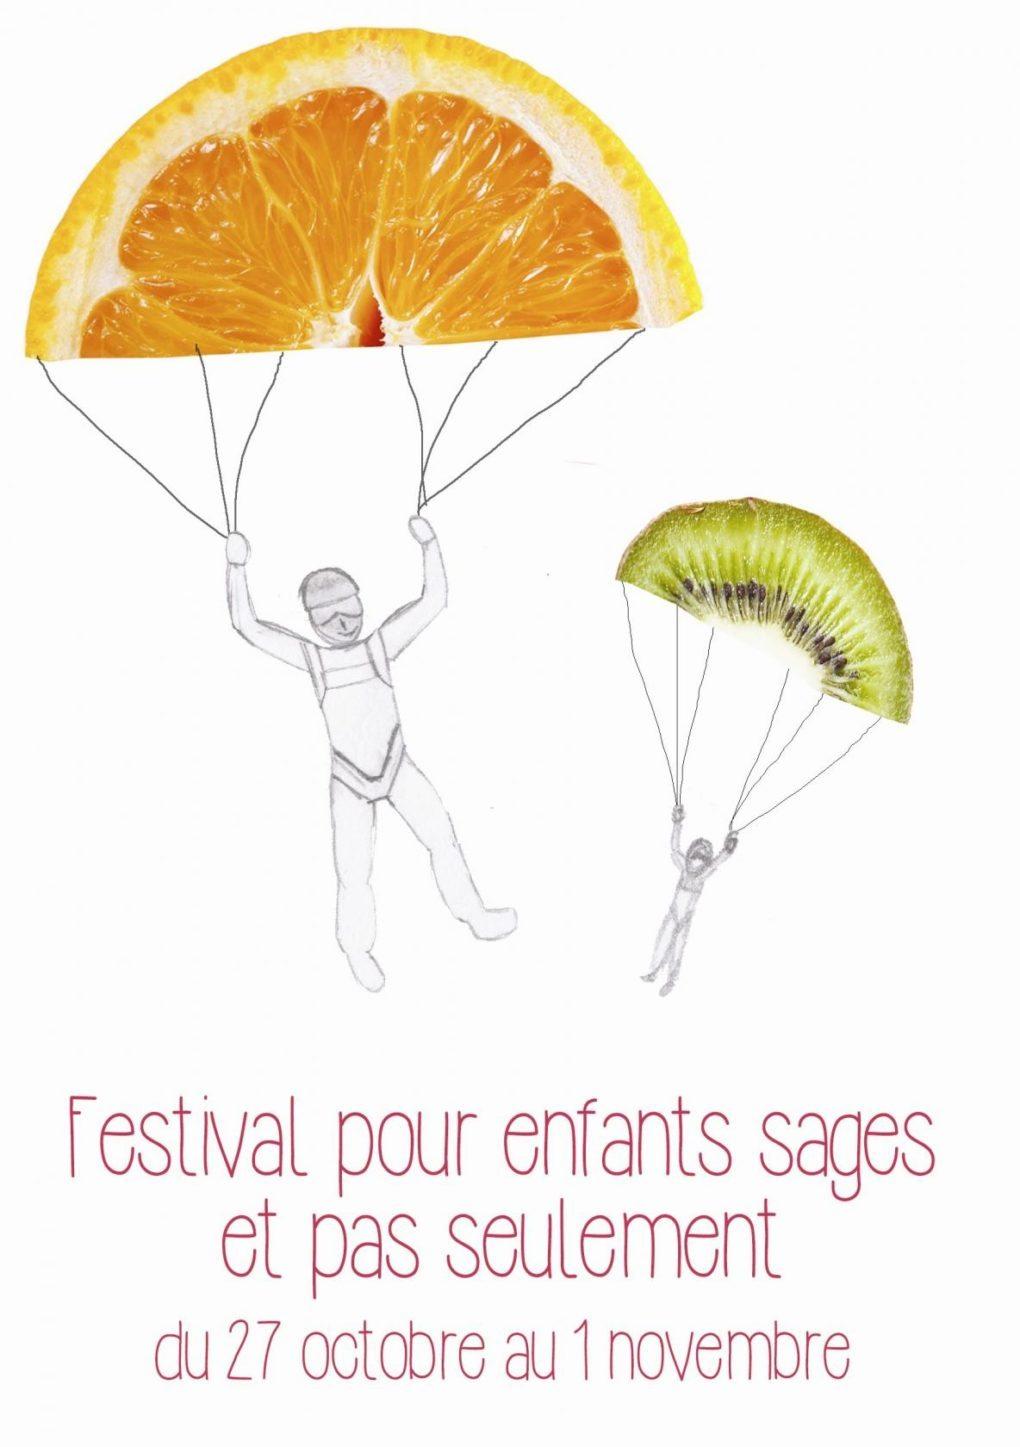 Festival pour enfants sages et pas seulement: Azilia et le Prince Nantes